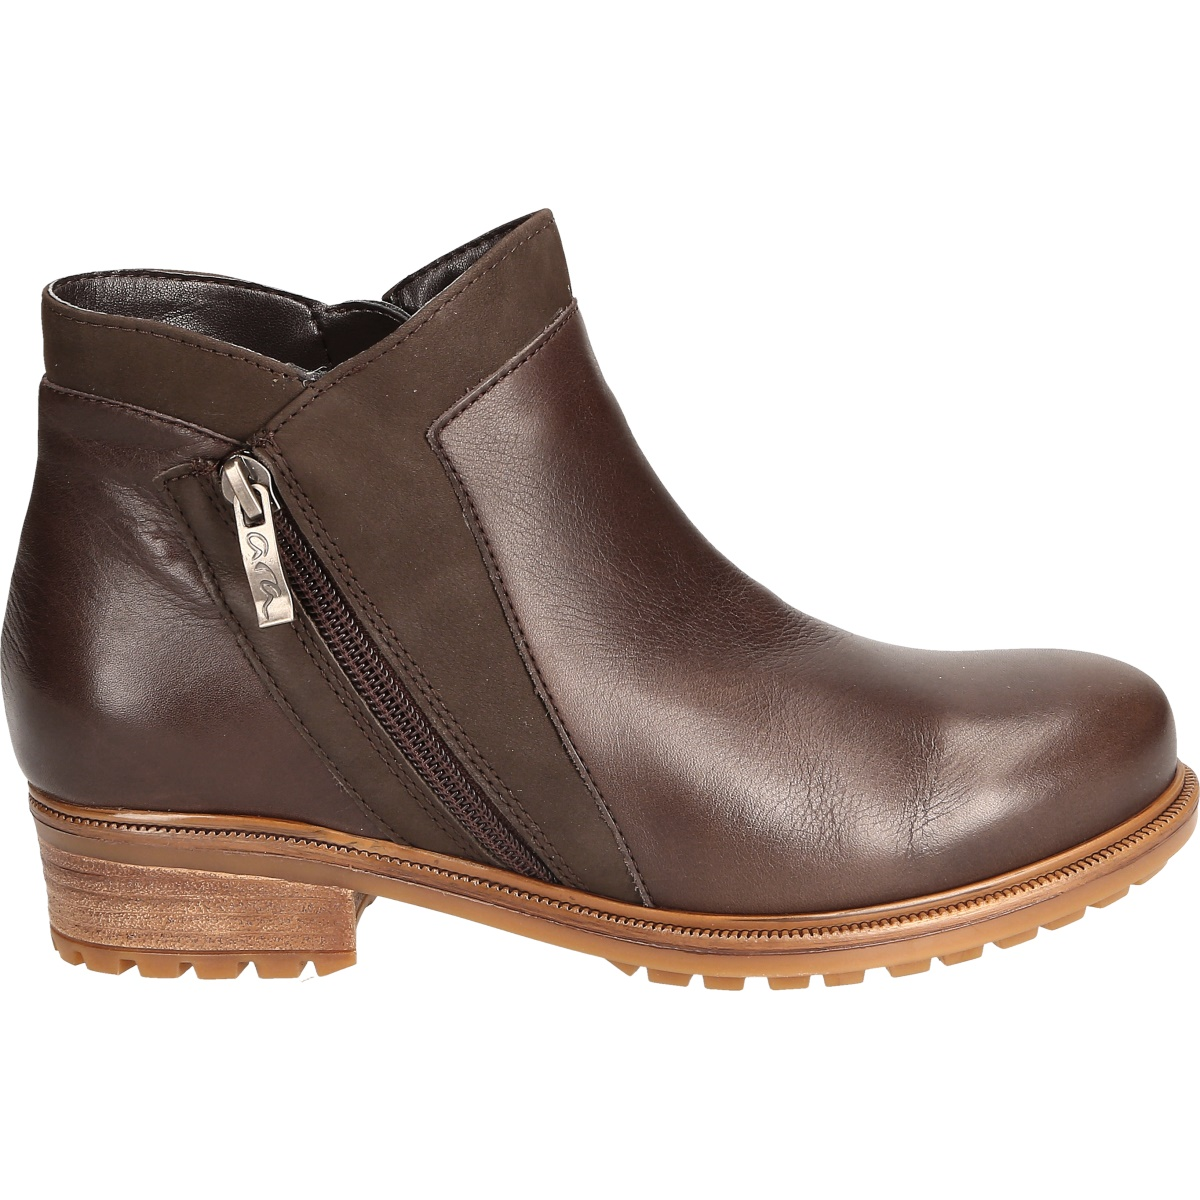 Ara 48862 65 Damenschuhe Stiefeletten im Schuhe Lüke Online